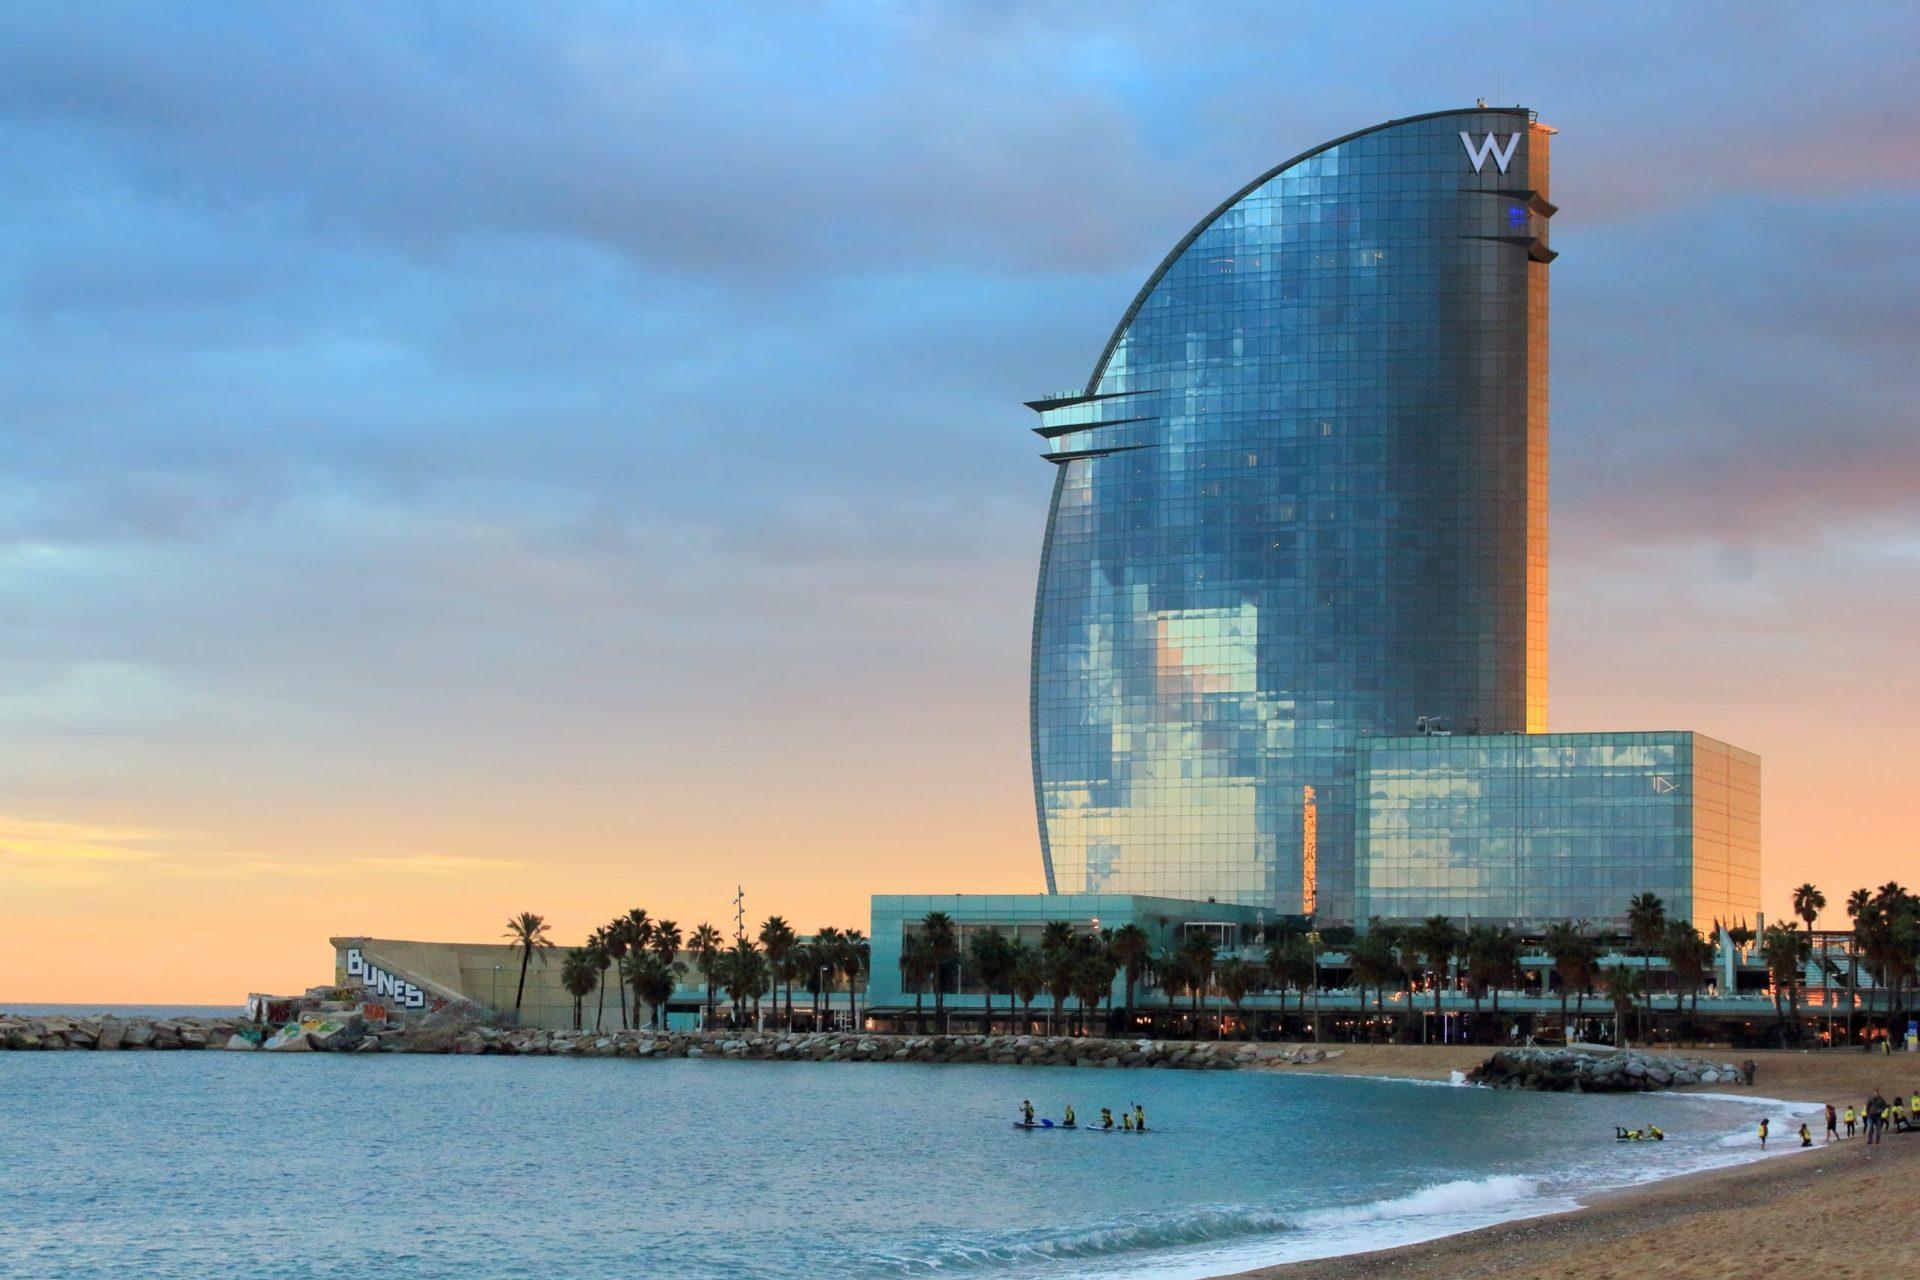 Wassertemperatur Barcelona: Hotel W mit Badestrand und Palmen bei Sonnenuntergang